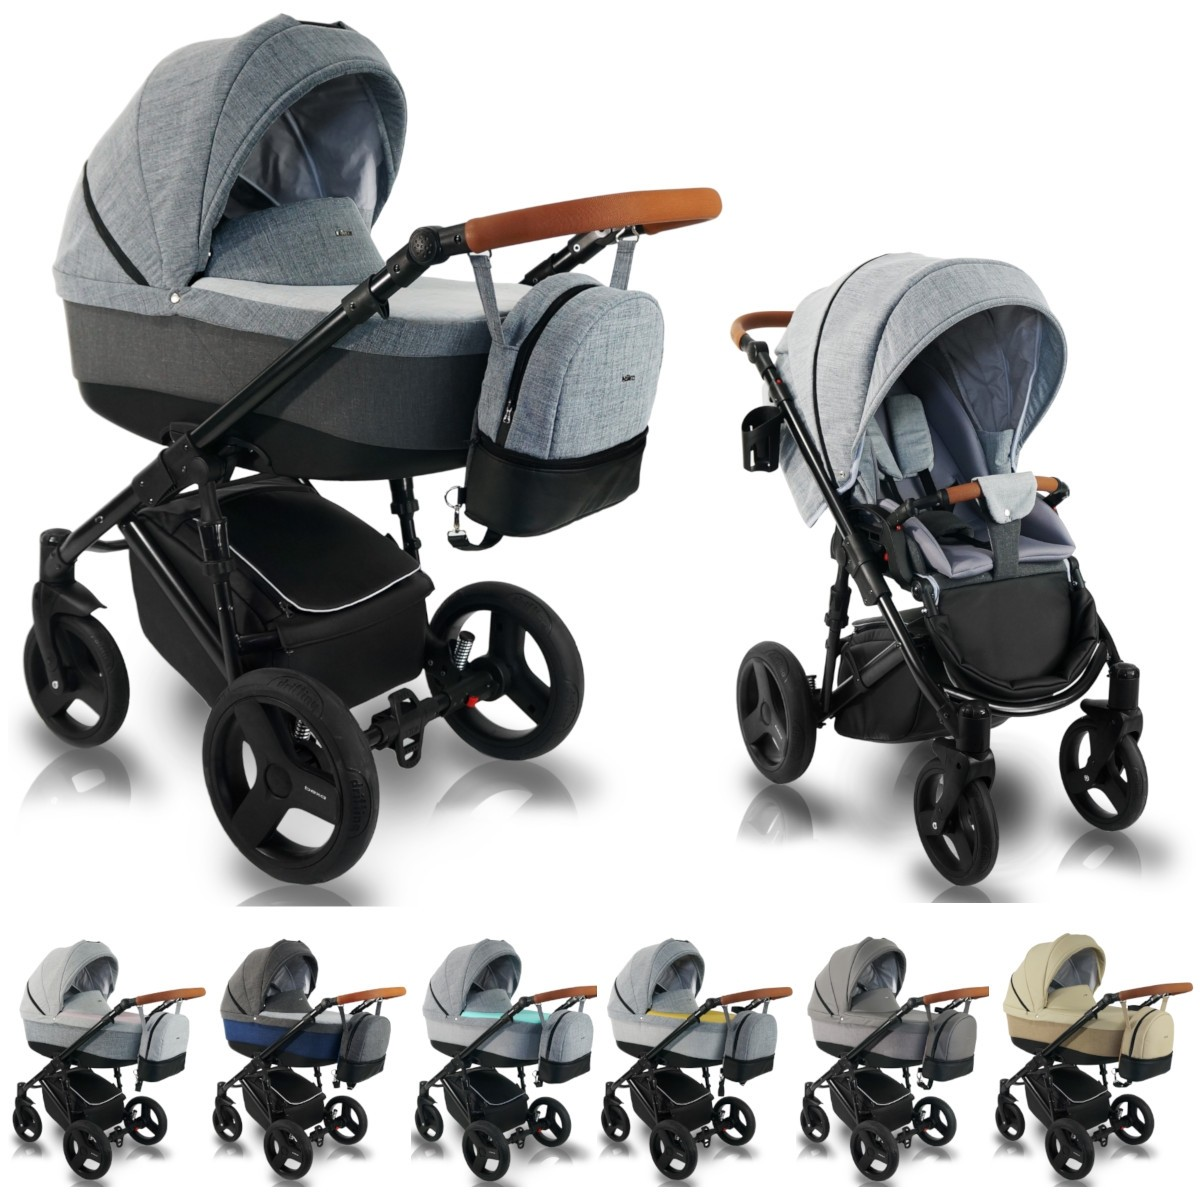 Bexa Ultra New Kombi Kinderwagen, 2in1 mit Babywanne + Sportwagenaufsatz / Buggy oder 3in1 + Babyschale / Autoschale, 7 Farben